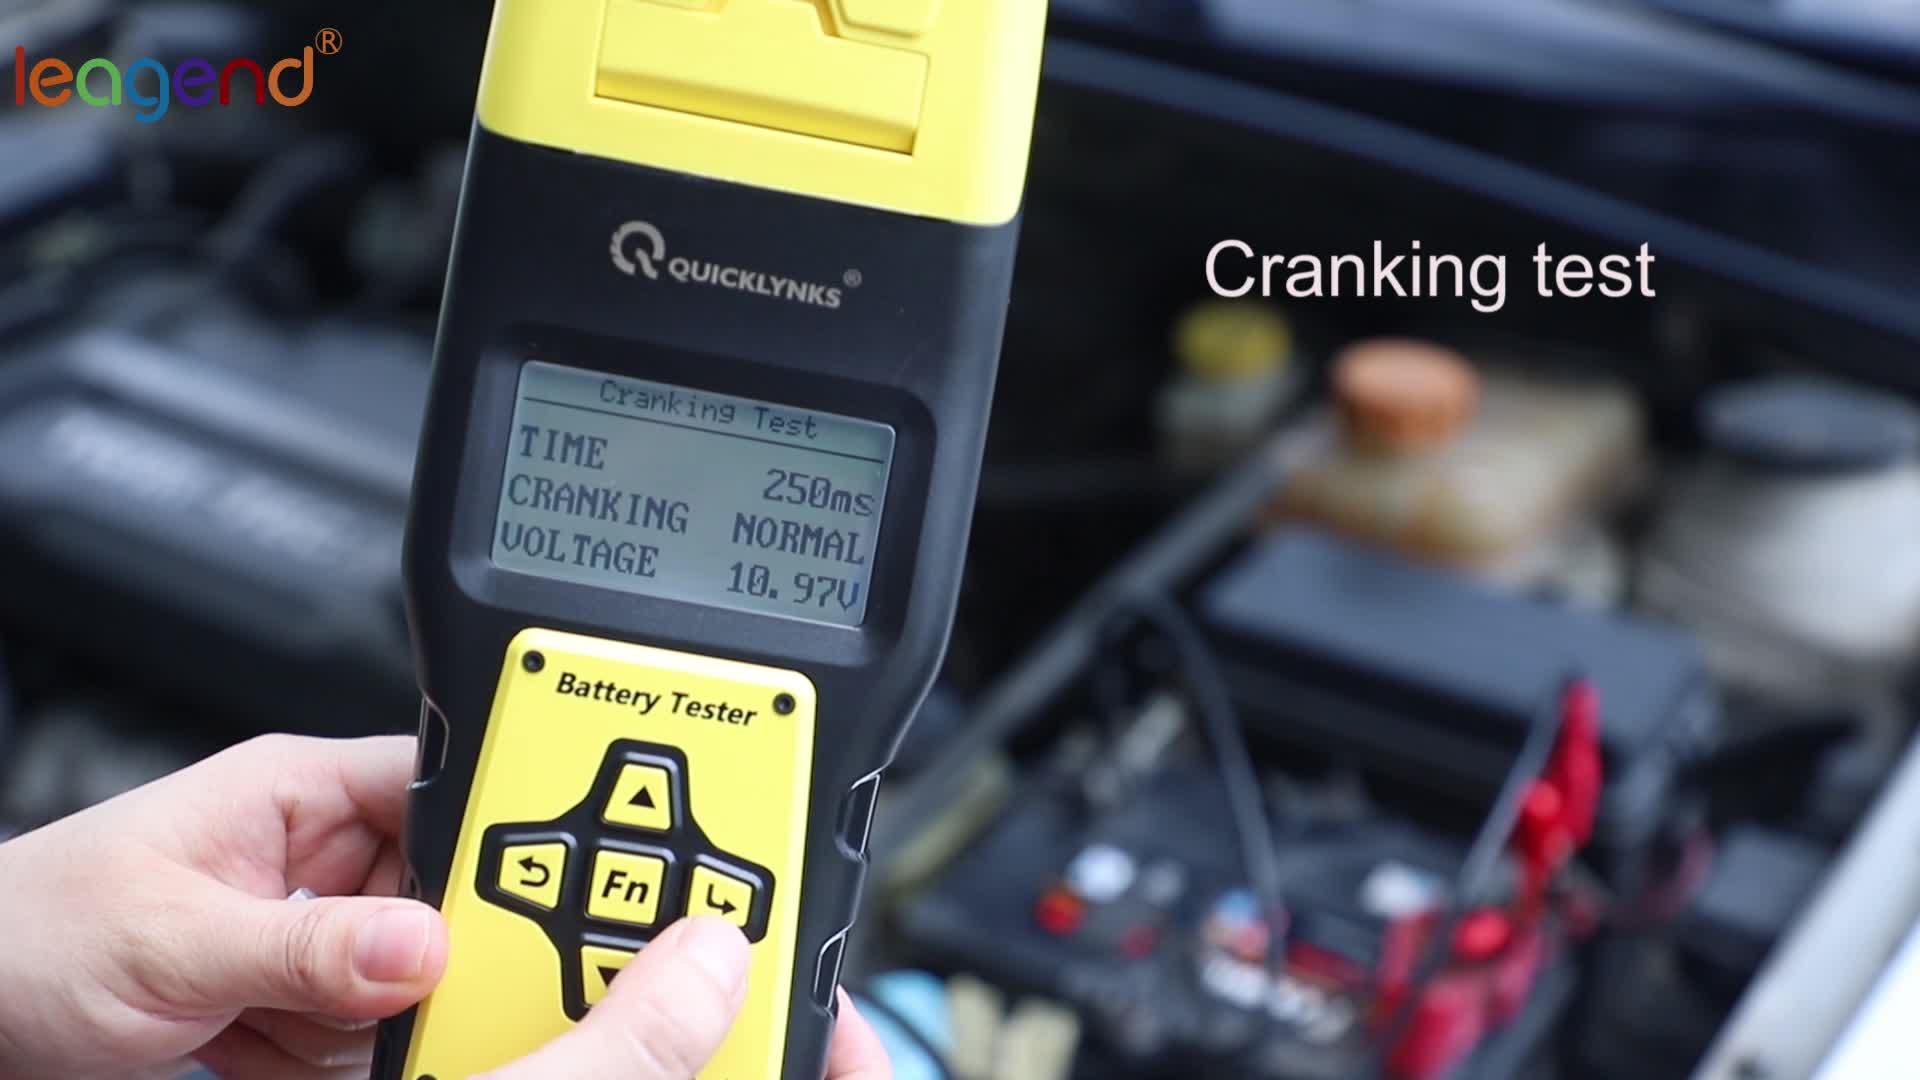 मोटर वाहन बीटीएस बैटरी सीसीए वोल्टेज लोड विश्लेषक बैटरी परीक्षक के साथ प्रिंटर